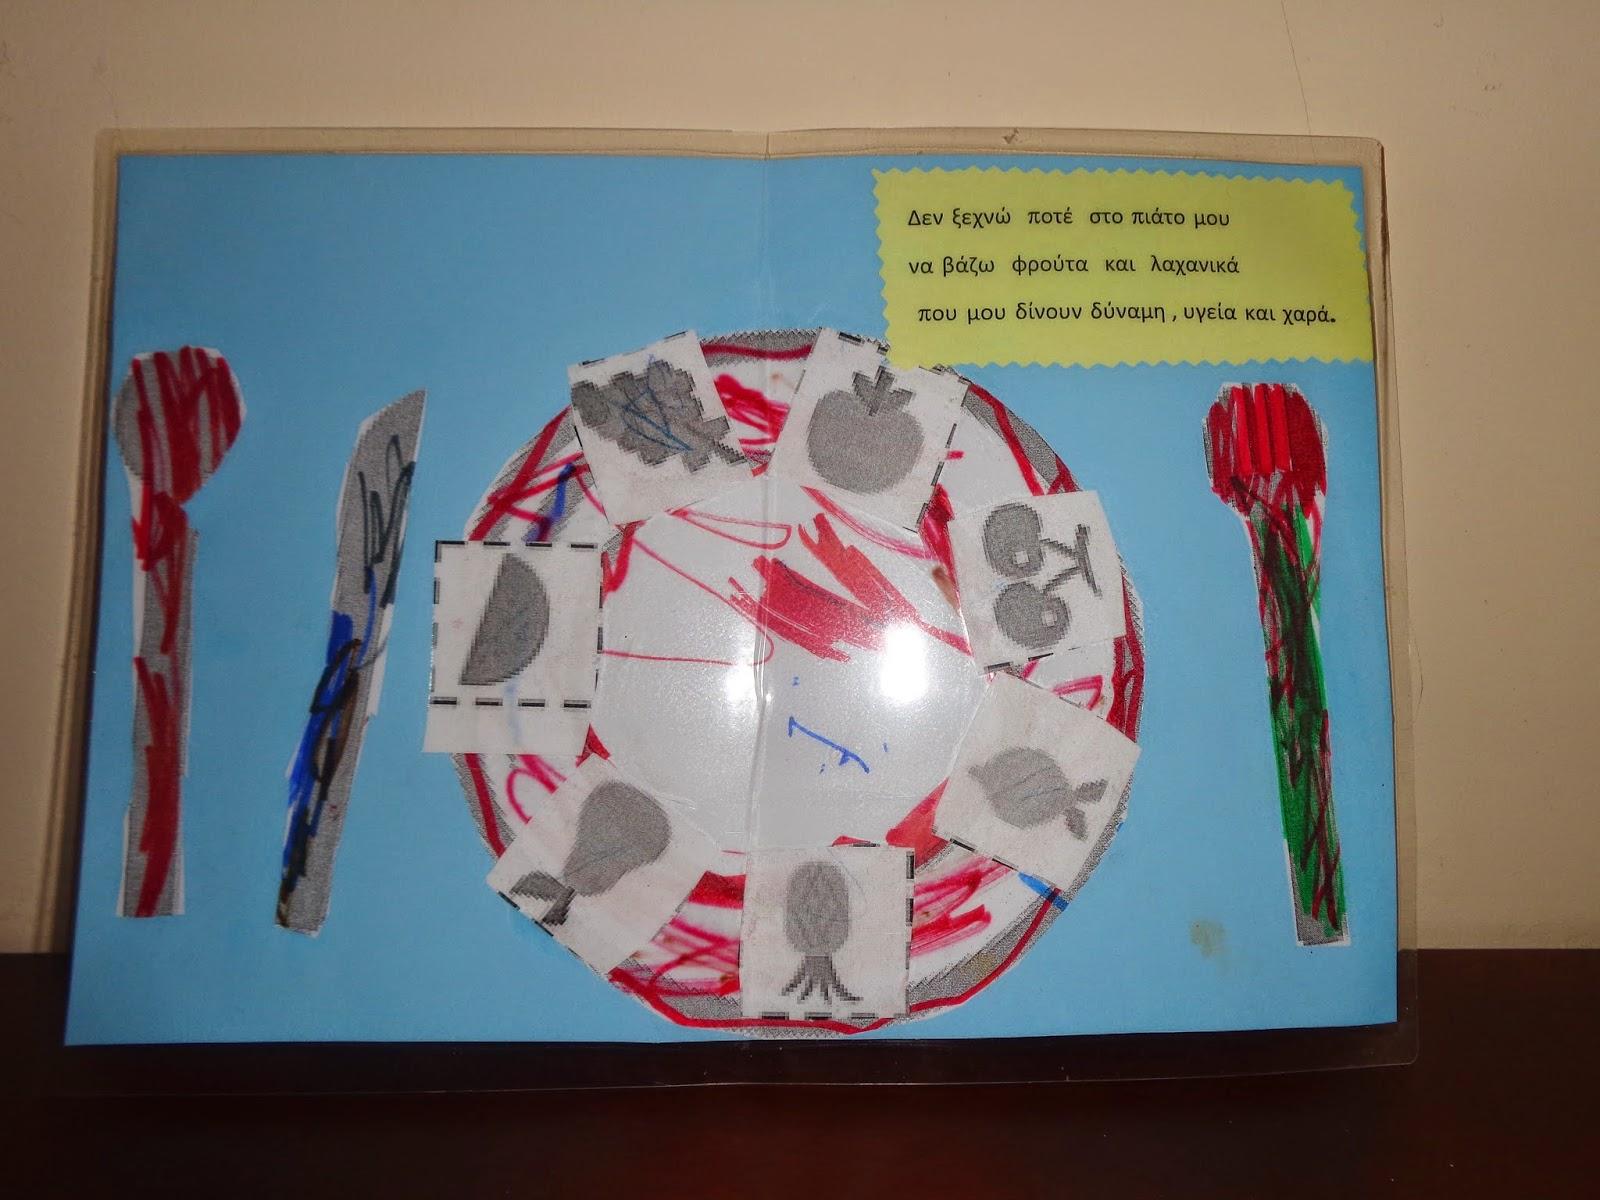 Μαρία Έλενα δημιουργίες  Για την υγιεινή διατροφή ... fe93ce09aac